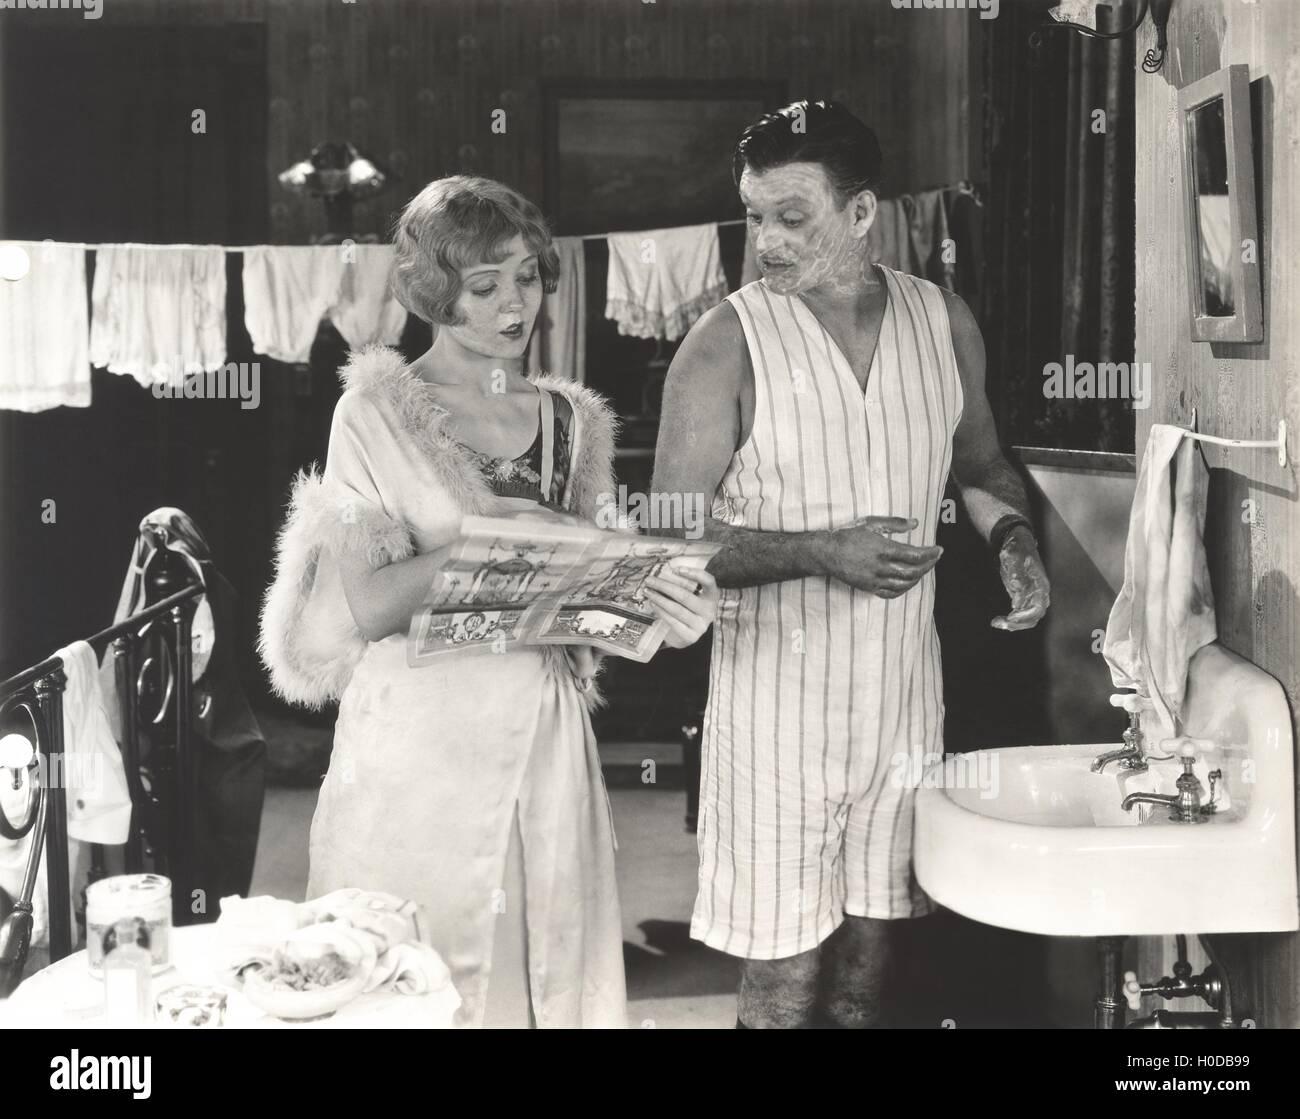 Washing up - Stock Image